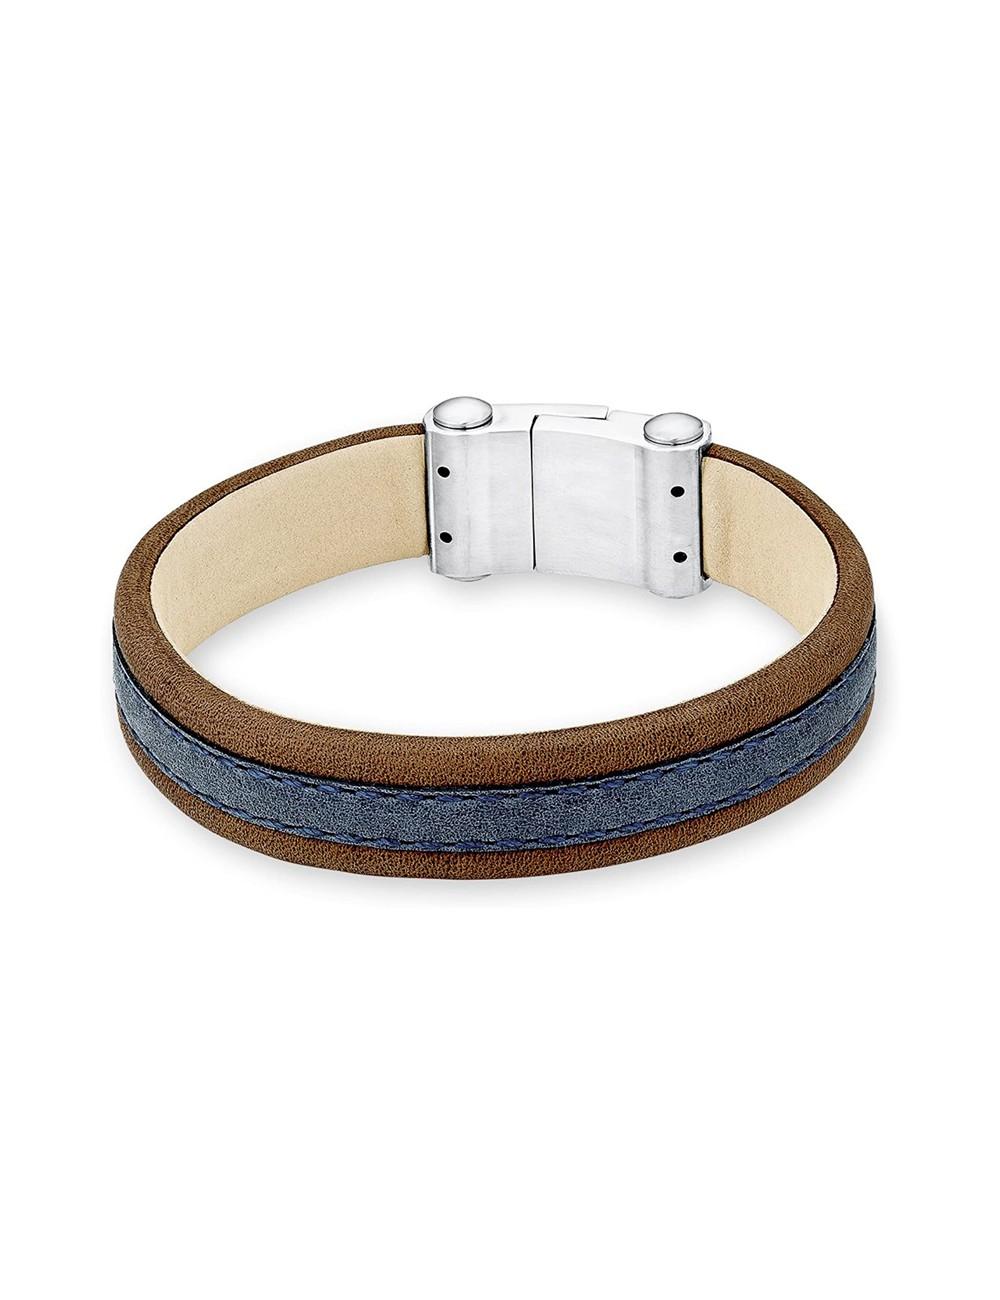 s.Oliver Mens Bracelet 9109043